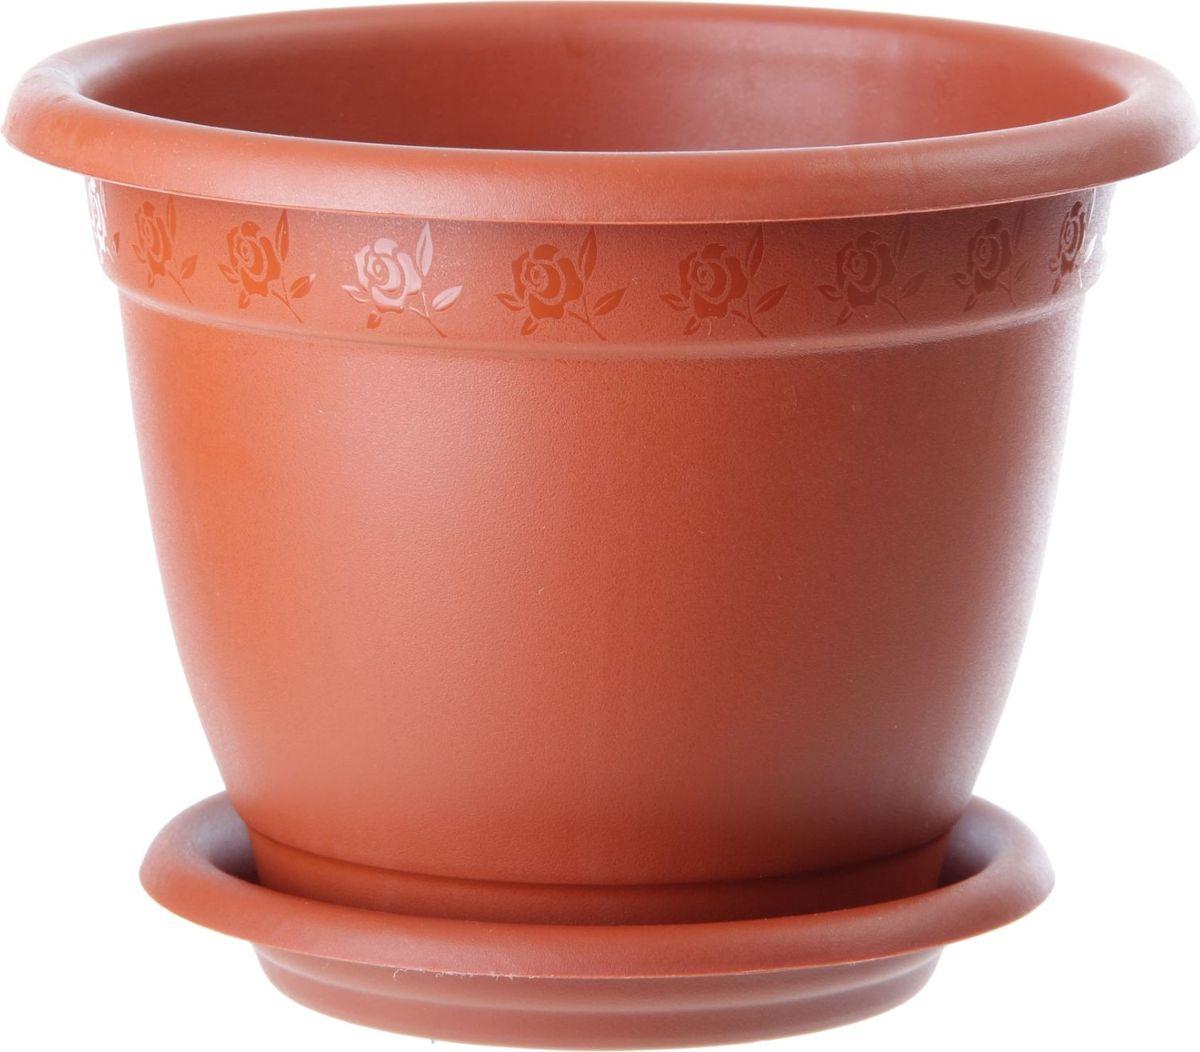 Горшок для цветов InGreen Борнео, с поддоном, цвет: терракотовый, диаметр 29 смING42029FТРЛюбой, даже самый современный и продуманный интерьер будет не завершенным без растений. Они не только очищают воздух и насыщают его кислородом, но и заметно украшают окружающее пространство. Такому полезному члену семьи просто необходимо красивое и функциональное кашпо, оригинальный горшок или необычная ваза! Мы предлагаем - Горшок для цветов, d=29 см Борнео 14 л, с подставкой, цвет терракотовый! Оптимальный выбор материала - это пластмасса! Почему мы так считаем? Малый вес. С легкостью переносите горшки и кашпо с места на место, ставьте их на столики или полки, подвешивайте под потолок, не беспокоясь о нагрузке. Простота ухода. Пластиковые изделия не нуждаются в специальных условиях хранения. Их легко чистить достаточно просто сполоснуть теплой водой. Никаких царапин. Пластиковые кашпо не царапают и не загрязняют поверхности, на которых стоят. Пластик дольше хранит влагу, а значит растение реже нуждается в поливе. Пластмасса не пропускает воздух корневой системе растения не грозят резкие перепады температур. Огромный выбор форм, декора и расцветок вы без труда подберете что-то, что идеально впишется в уже существующий интерьер. Соблюдая нехитрые правила ухода, вы можете заметно продлить срок службы горшков, вазонов и кашпо из пластика: всегда учитывайте размер кроны и корневой системы растения (при разрастании большое растение способно повредить маленький горшок) берегите изделие от воздействия прямых солнечных лучей, чтобы кашпо и горшки не выцветали держите кашпо и горшки из пластика подальше от нагревающихся поверхностей. Создавайте прекрасные цветочные композиции, выращивайте рассаду или необычные растения, а низкие цены позволят вам не ограничивать себя в выборе.